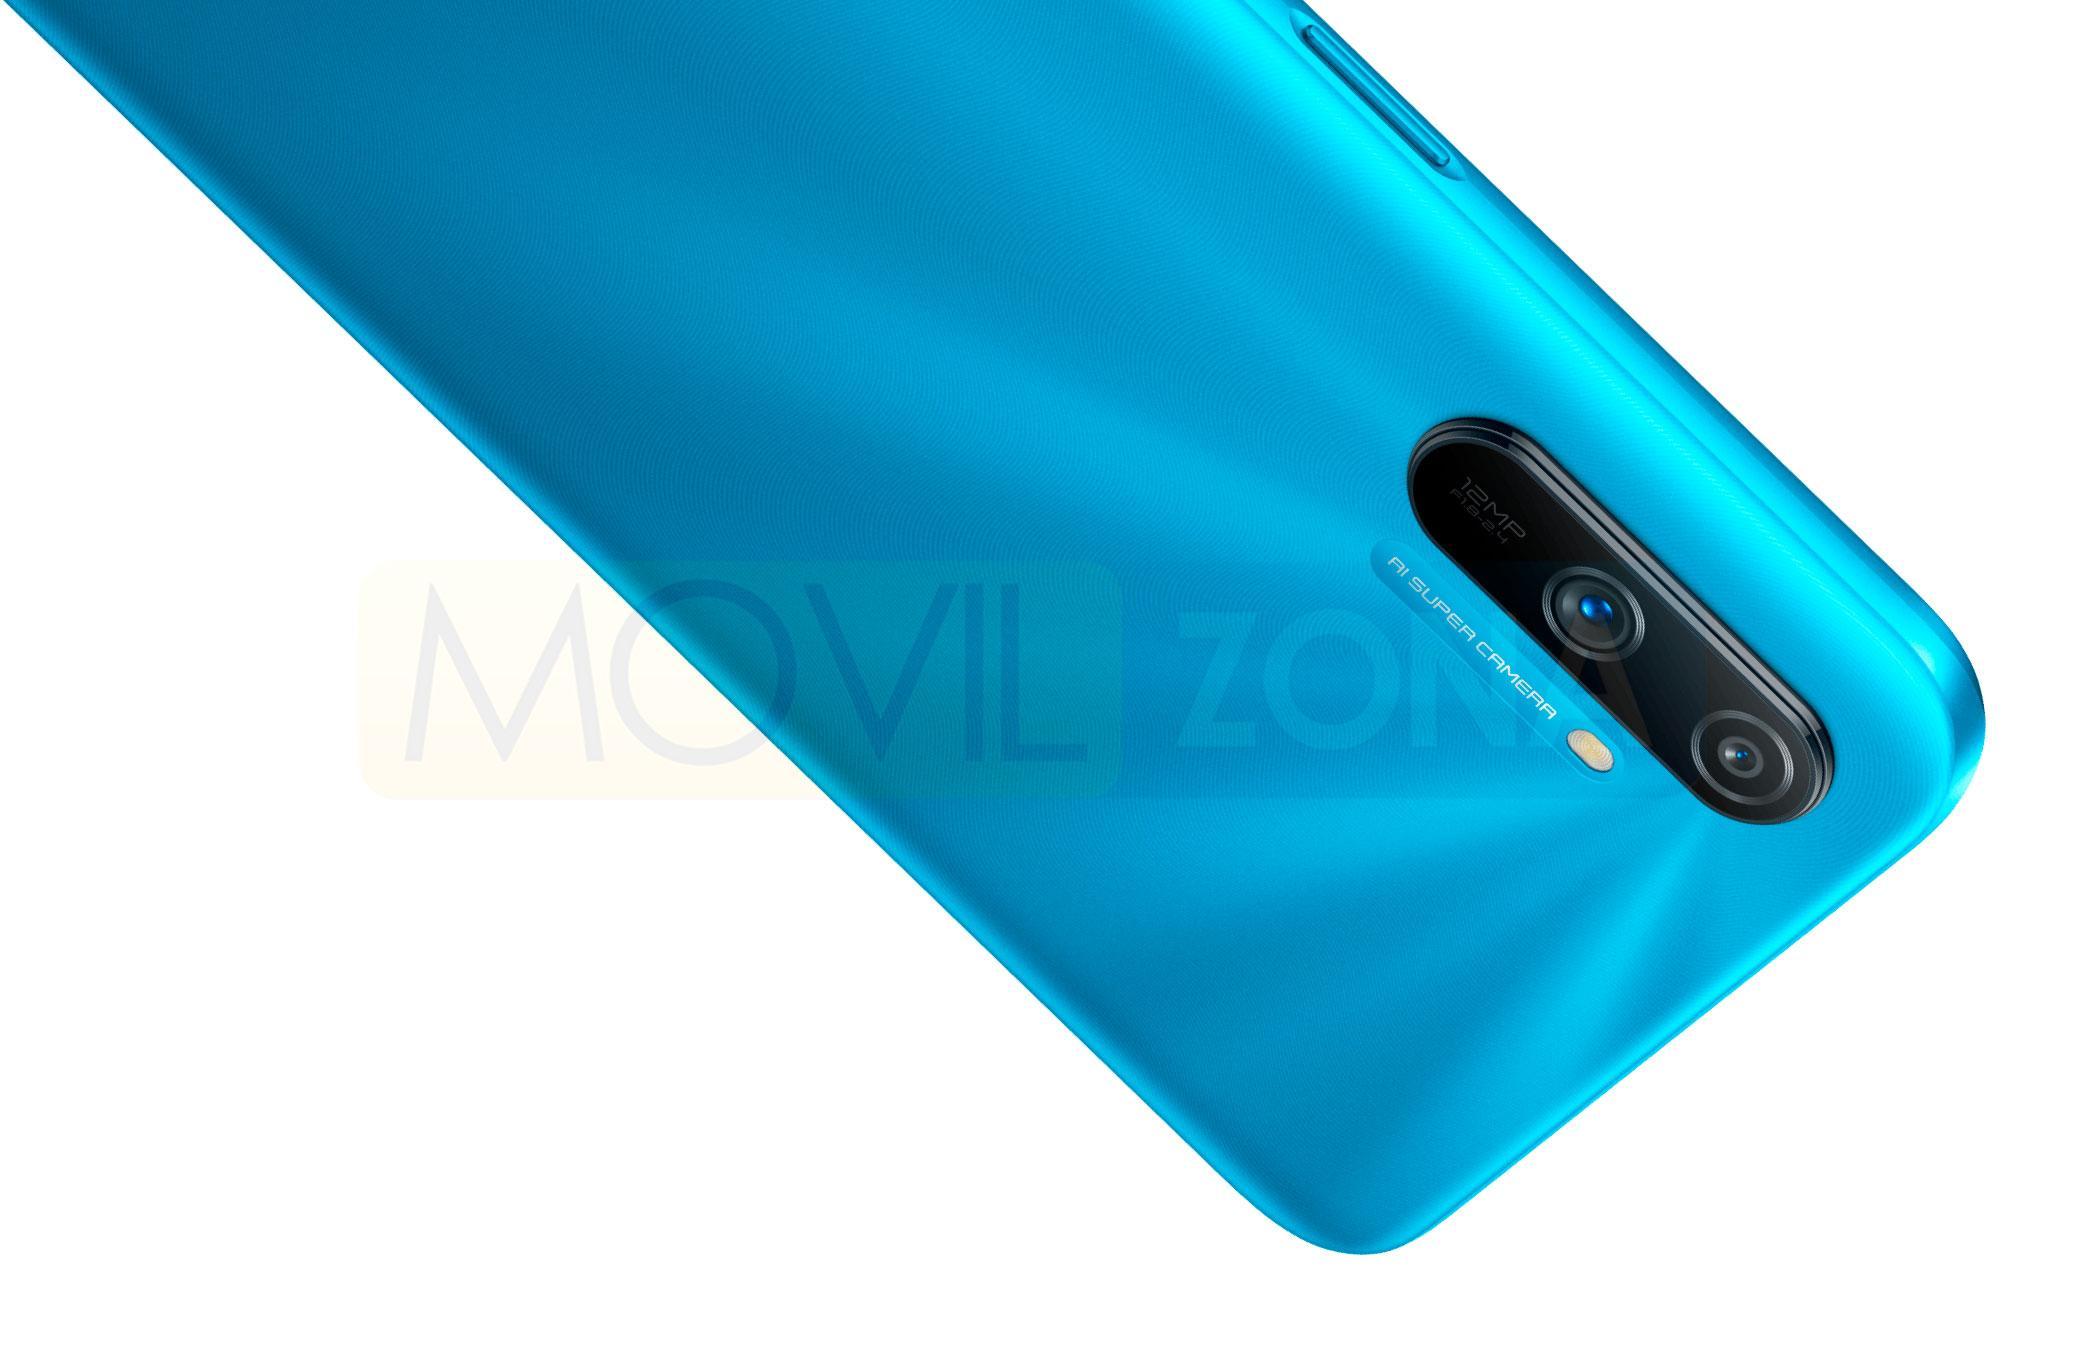 Realme C3 cámara azul